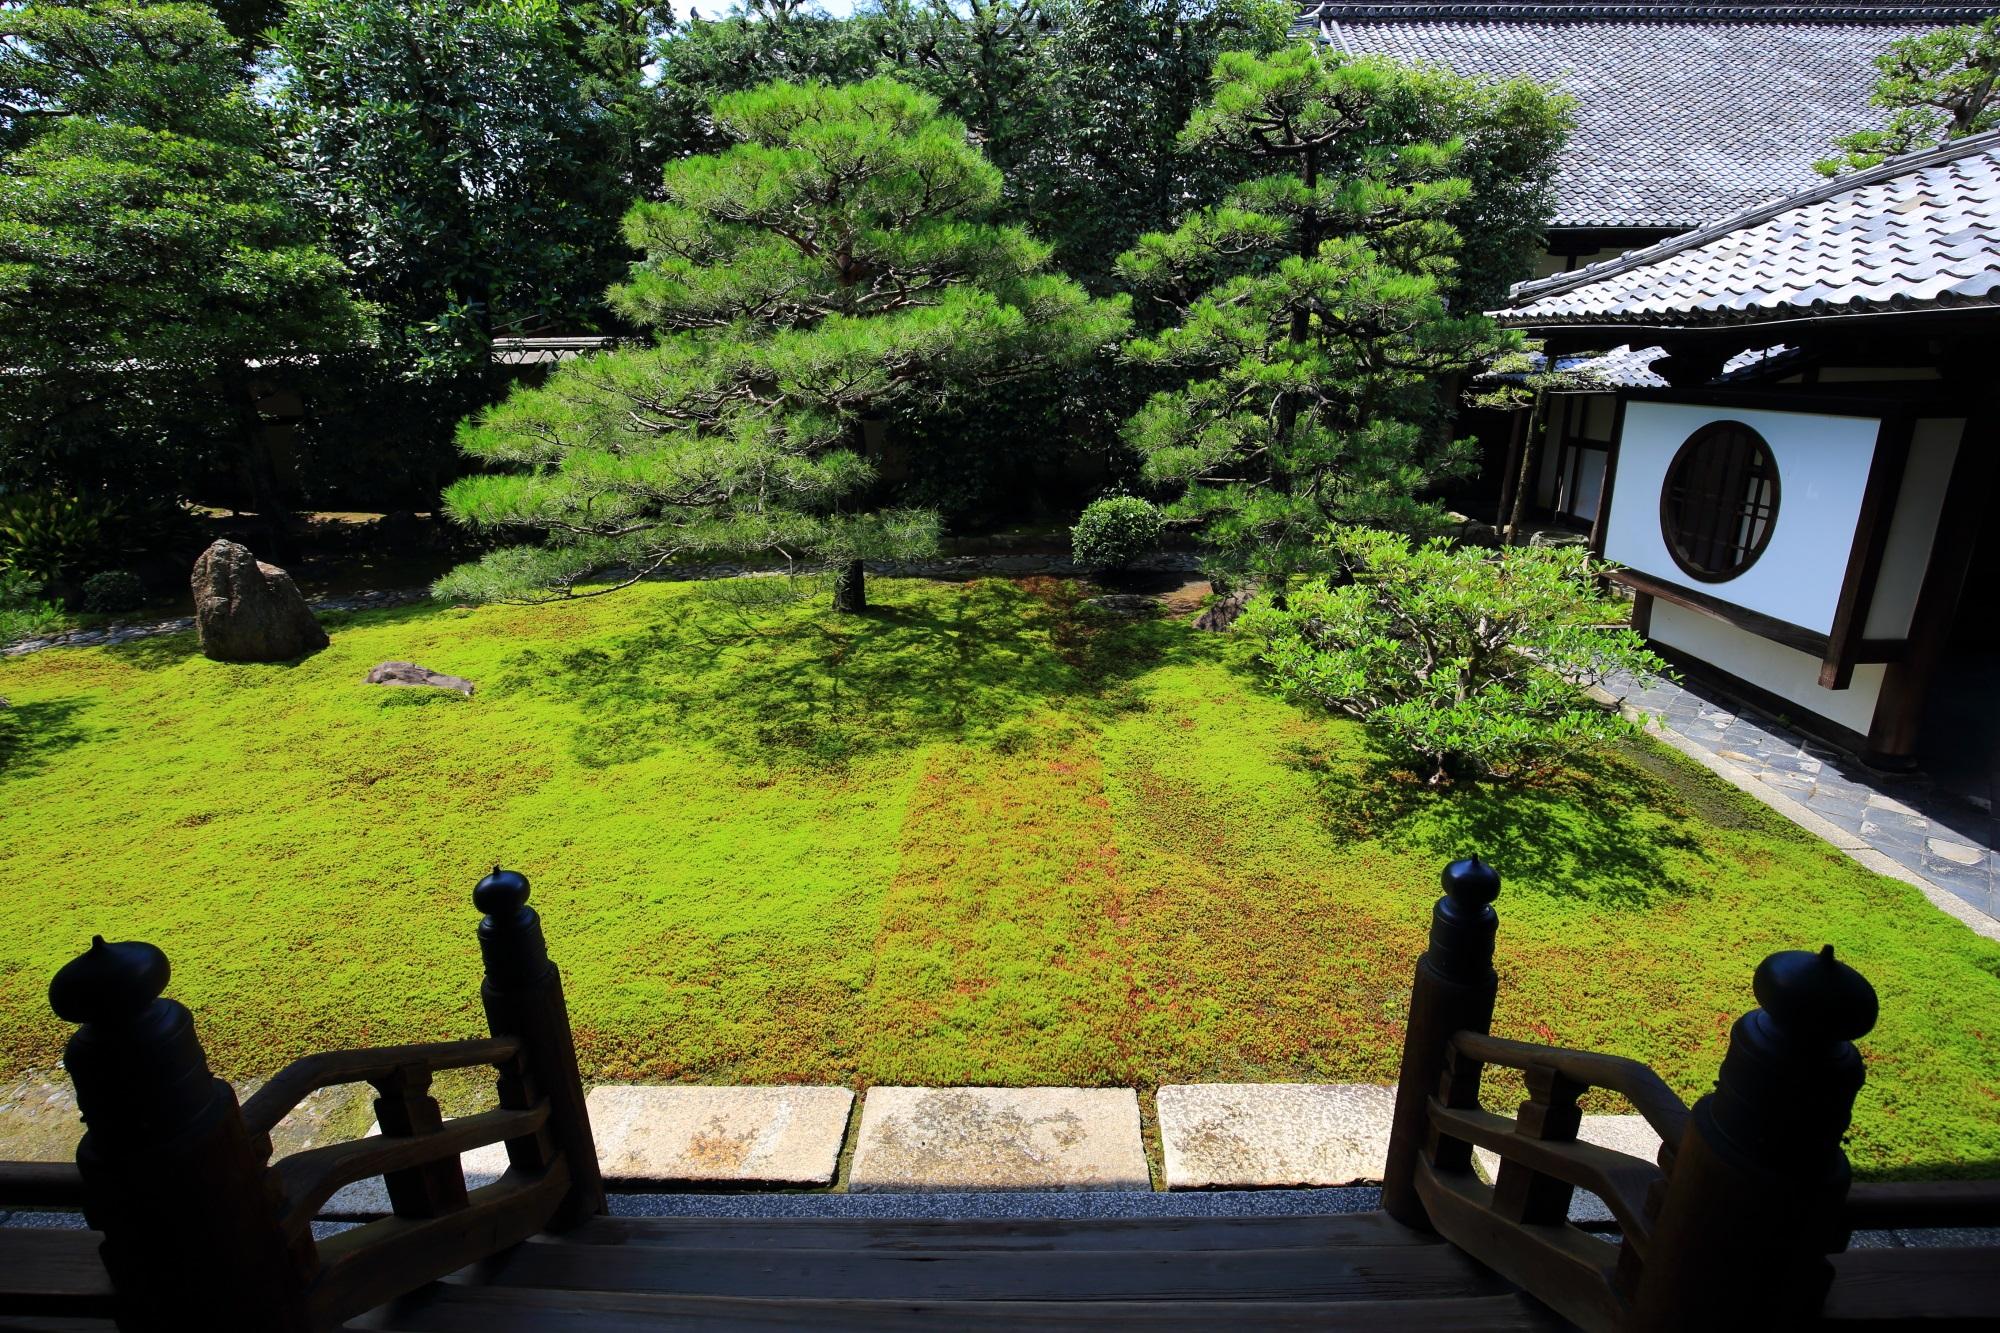 緑溢れる建仁寺両足院の方丈庭園